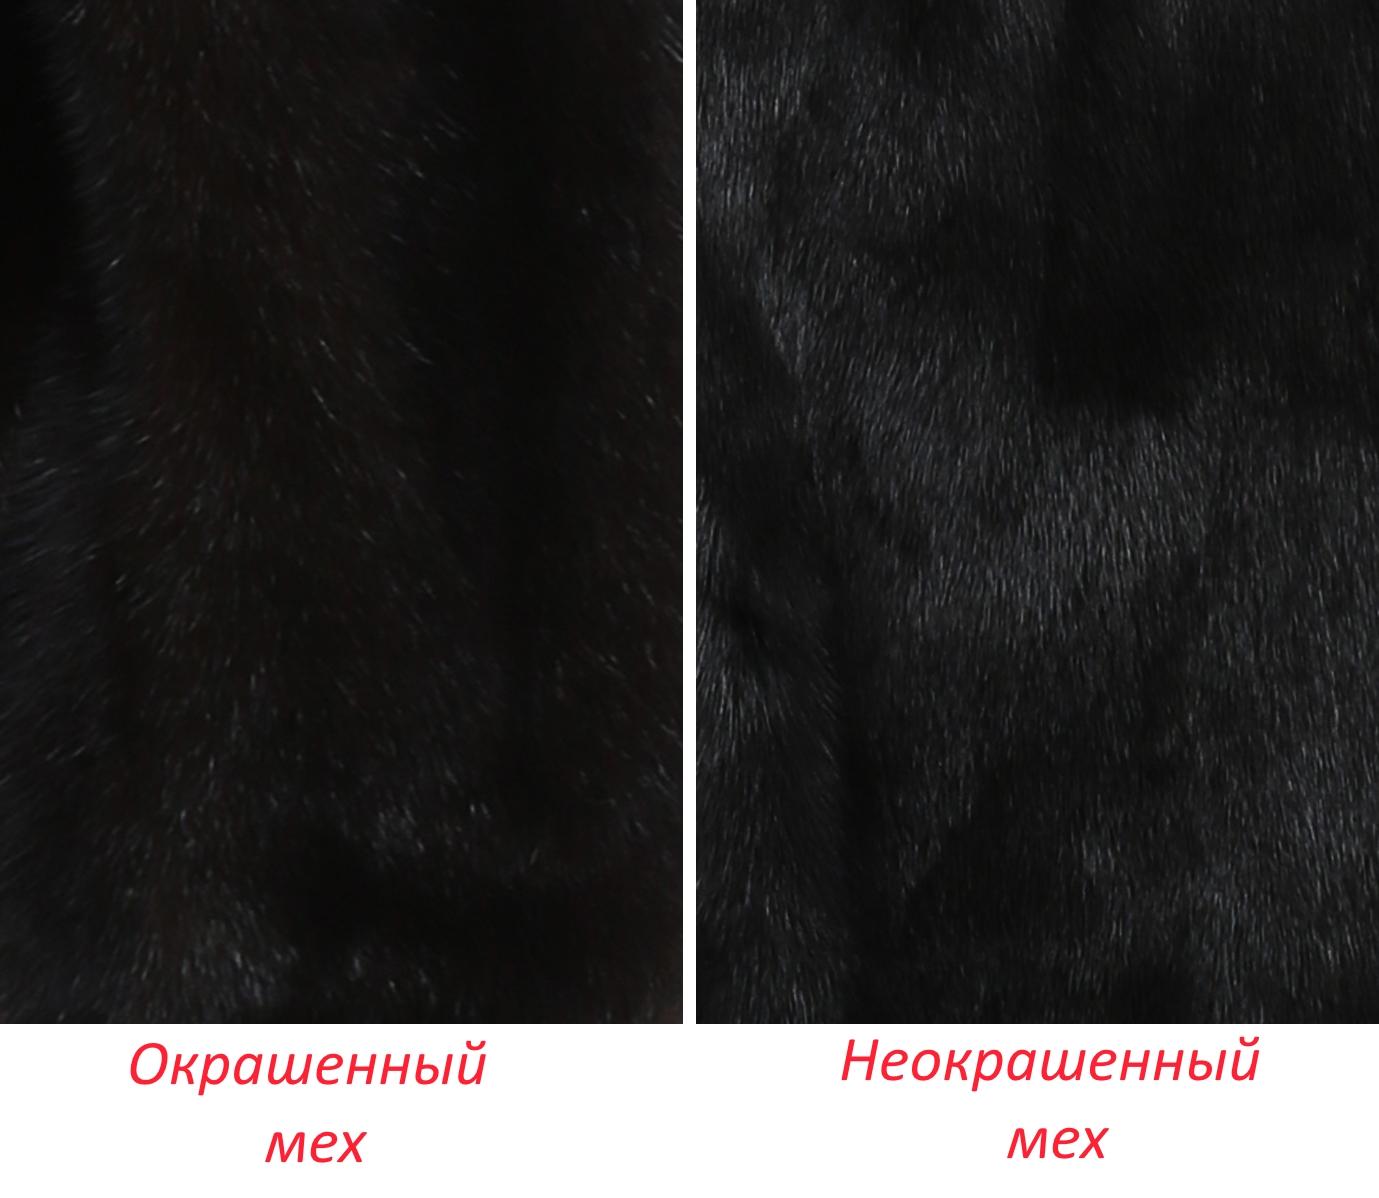 Чем покрасить мех в домашних условиях в черный 556